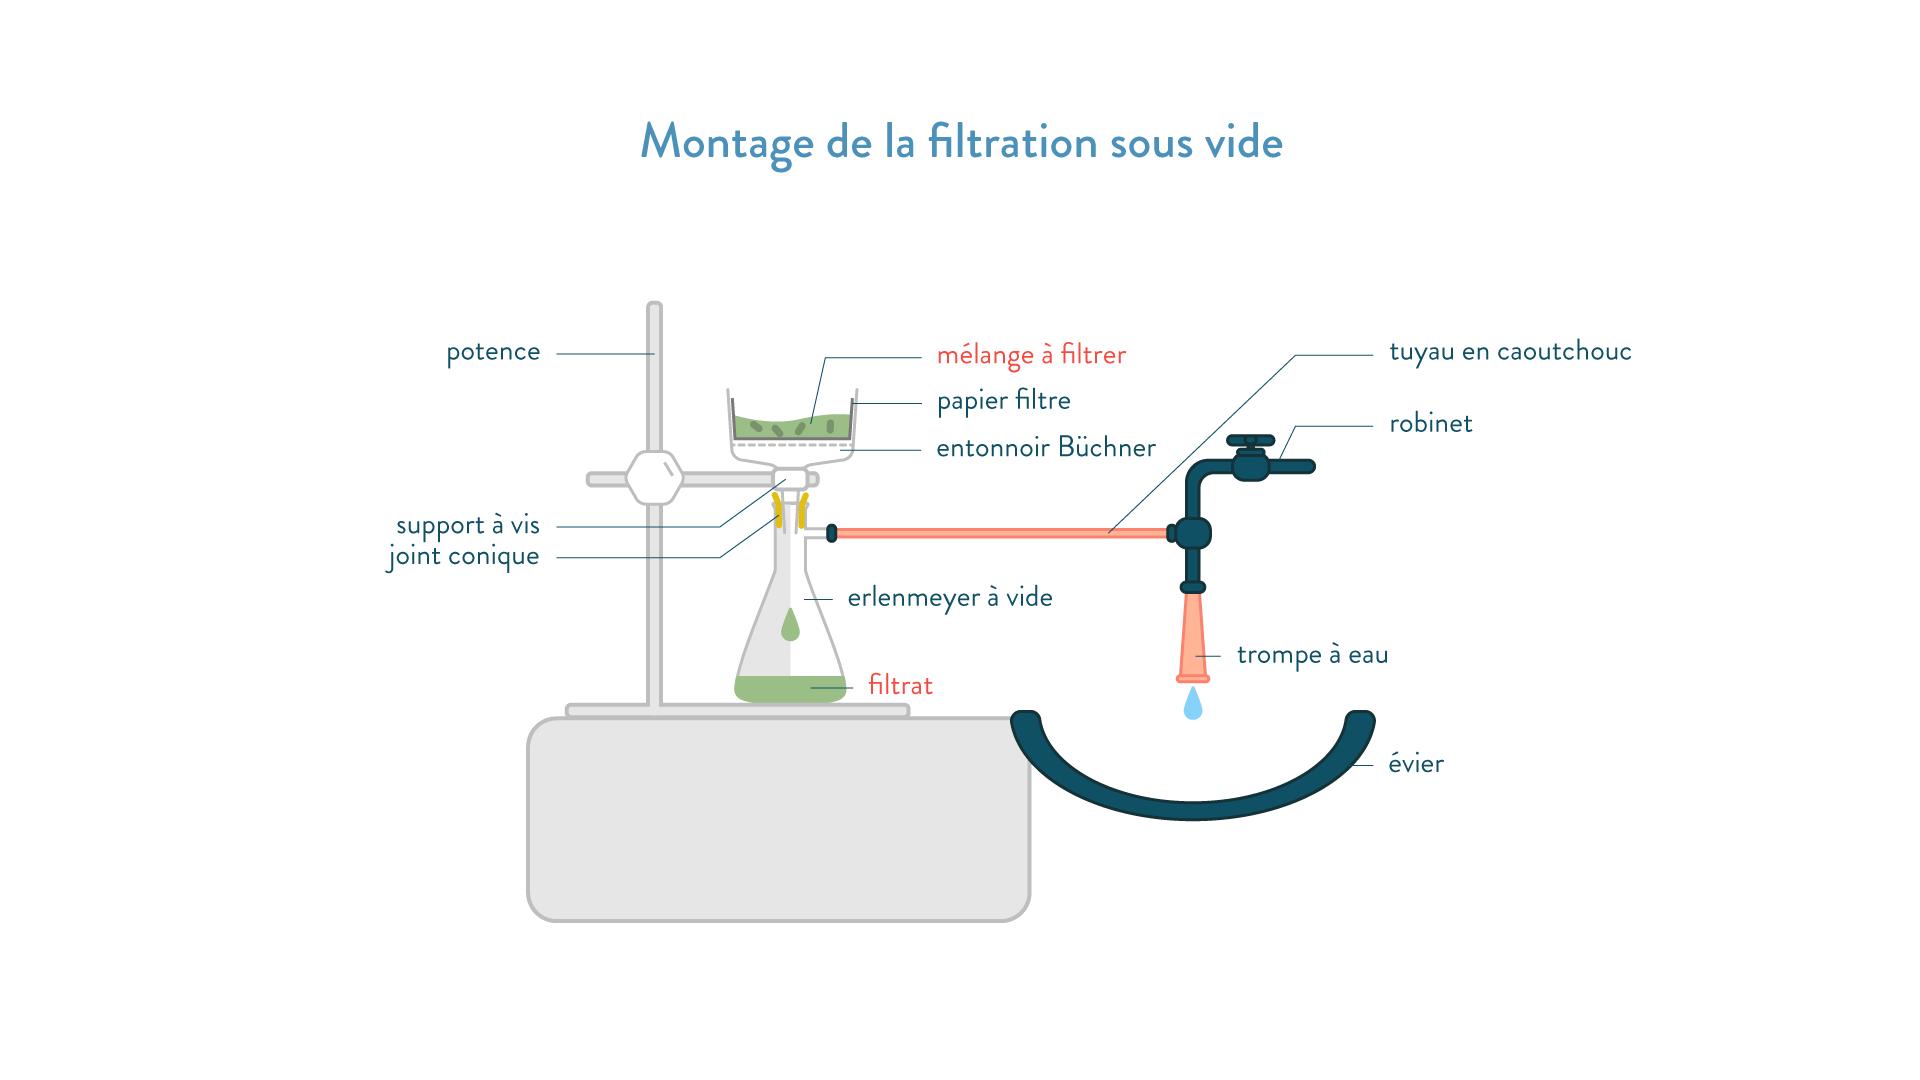 Montage de la filtration sous vide 2nde